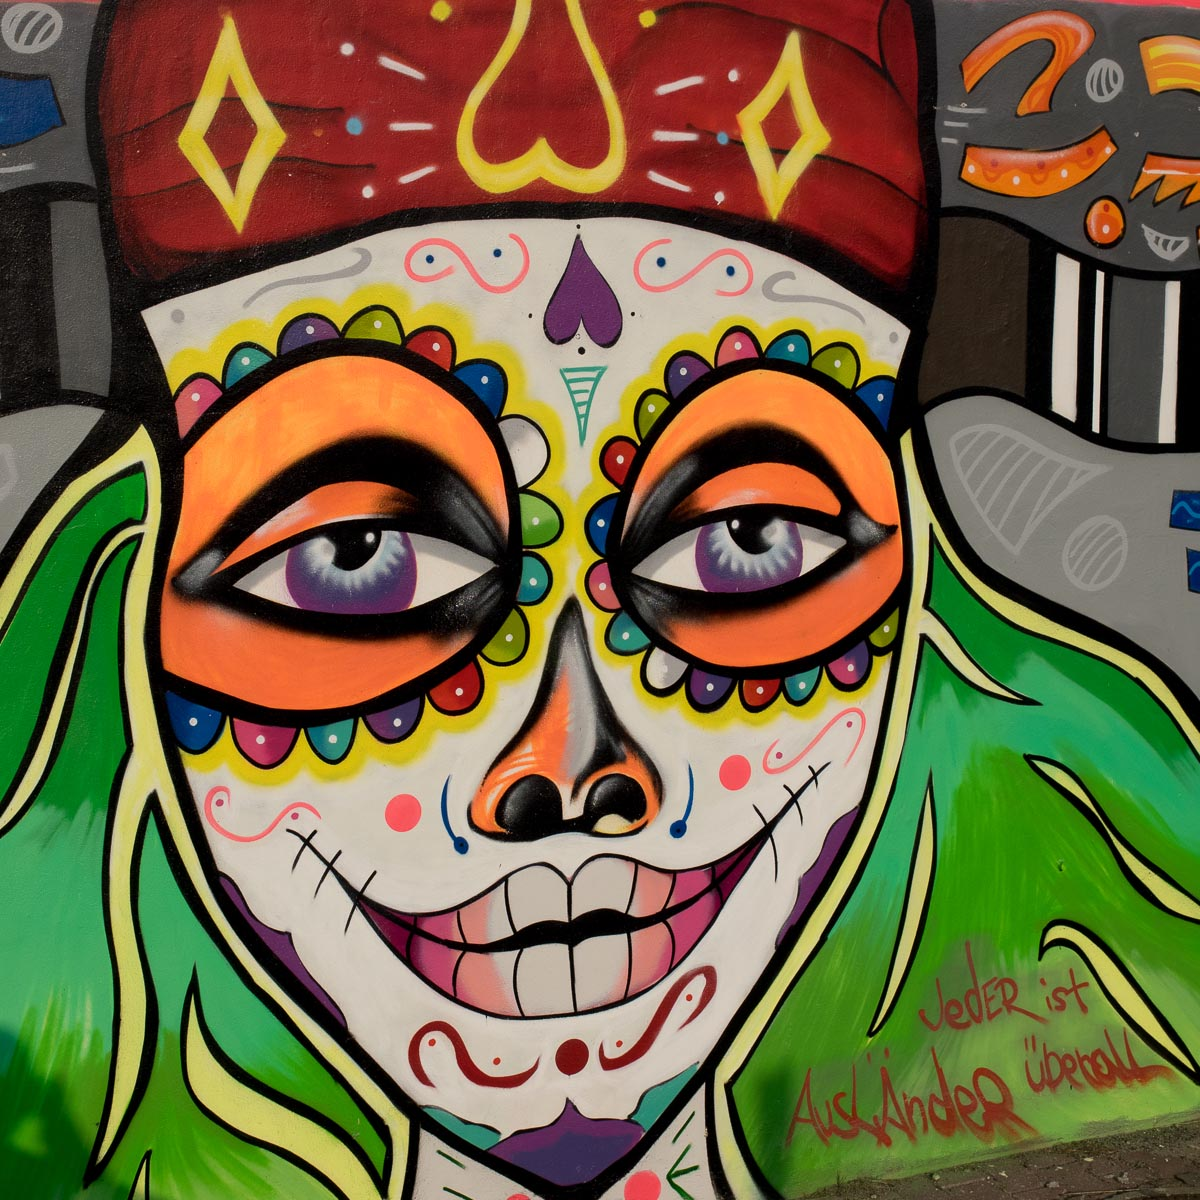 Frankfurt - Graffiti unter der Breitenbachbrücke (Bilder & Veranstaltungshinweis 04/2017)